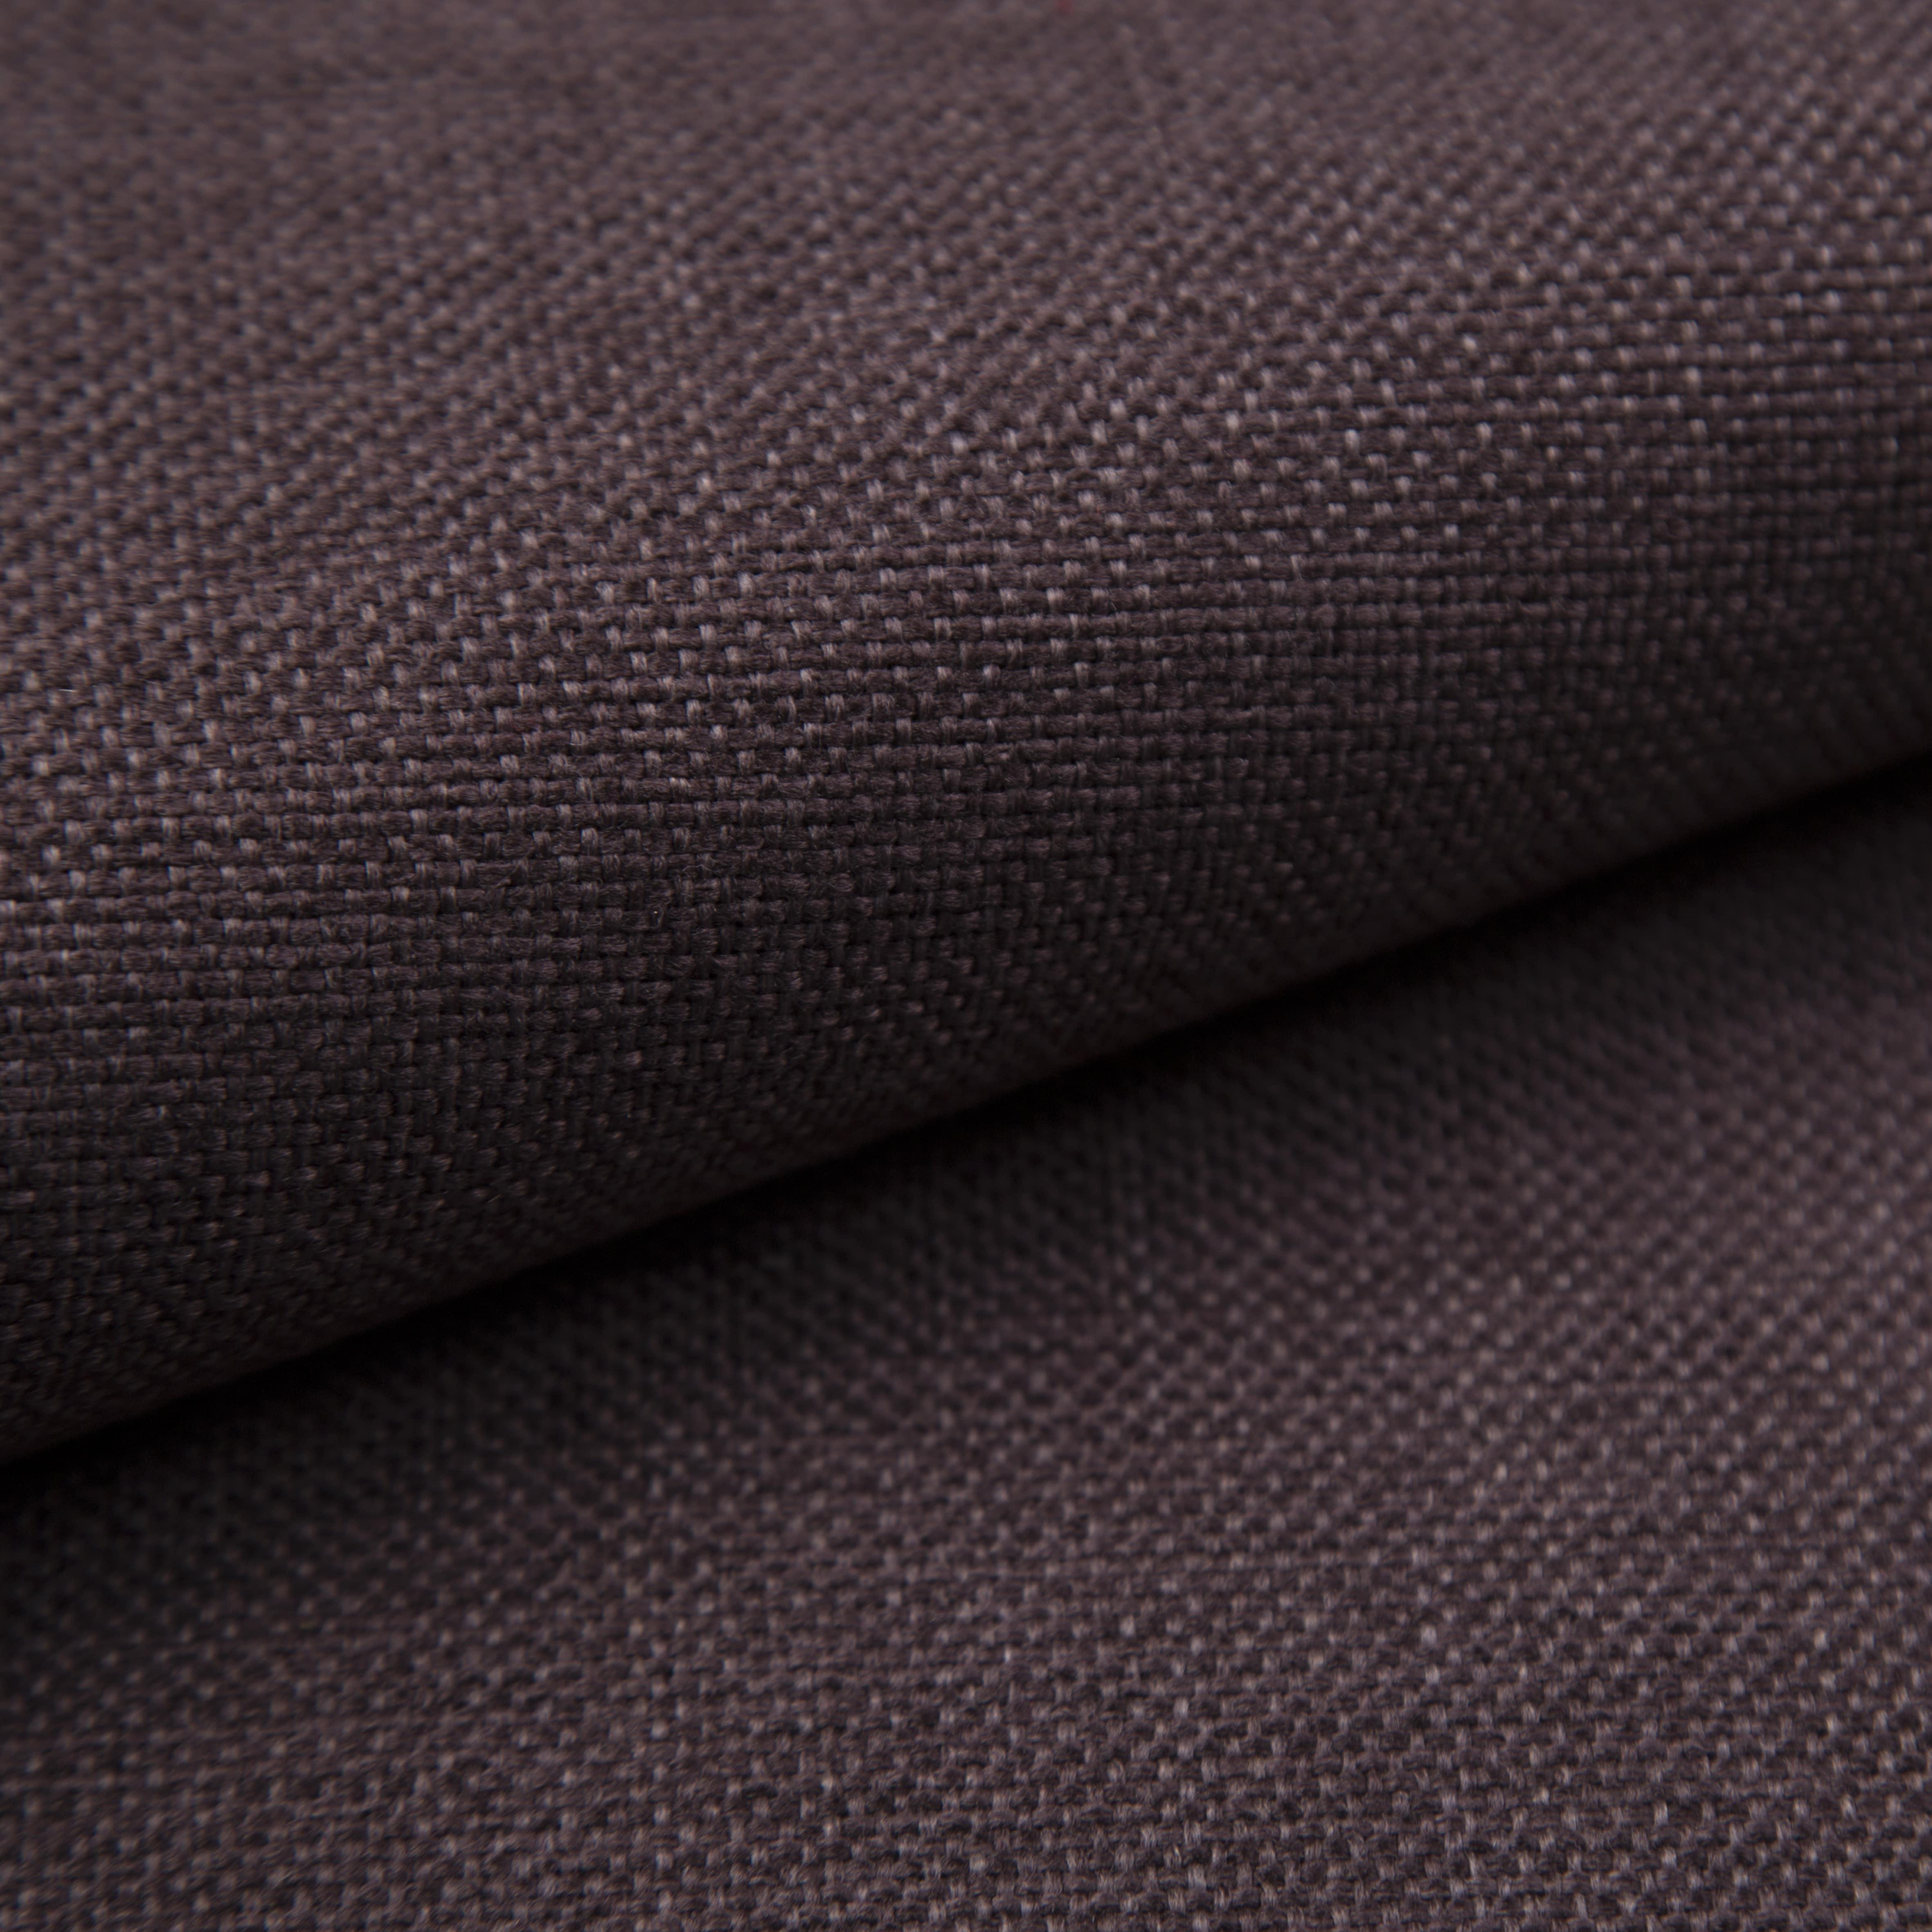 Laufmeterstoff Polyester - MUNA 06